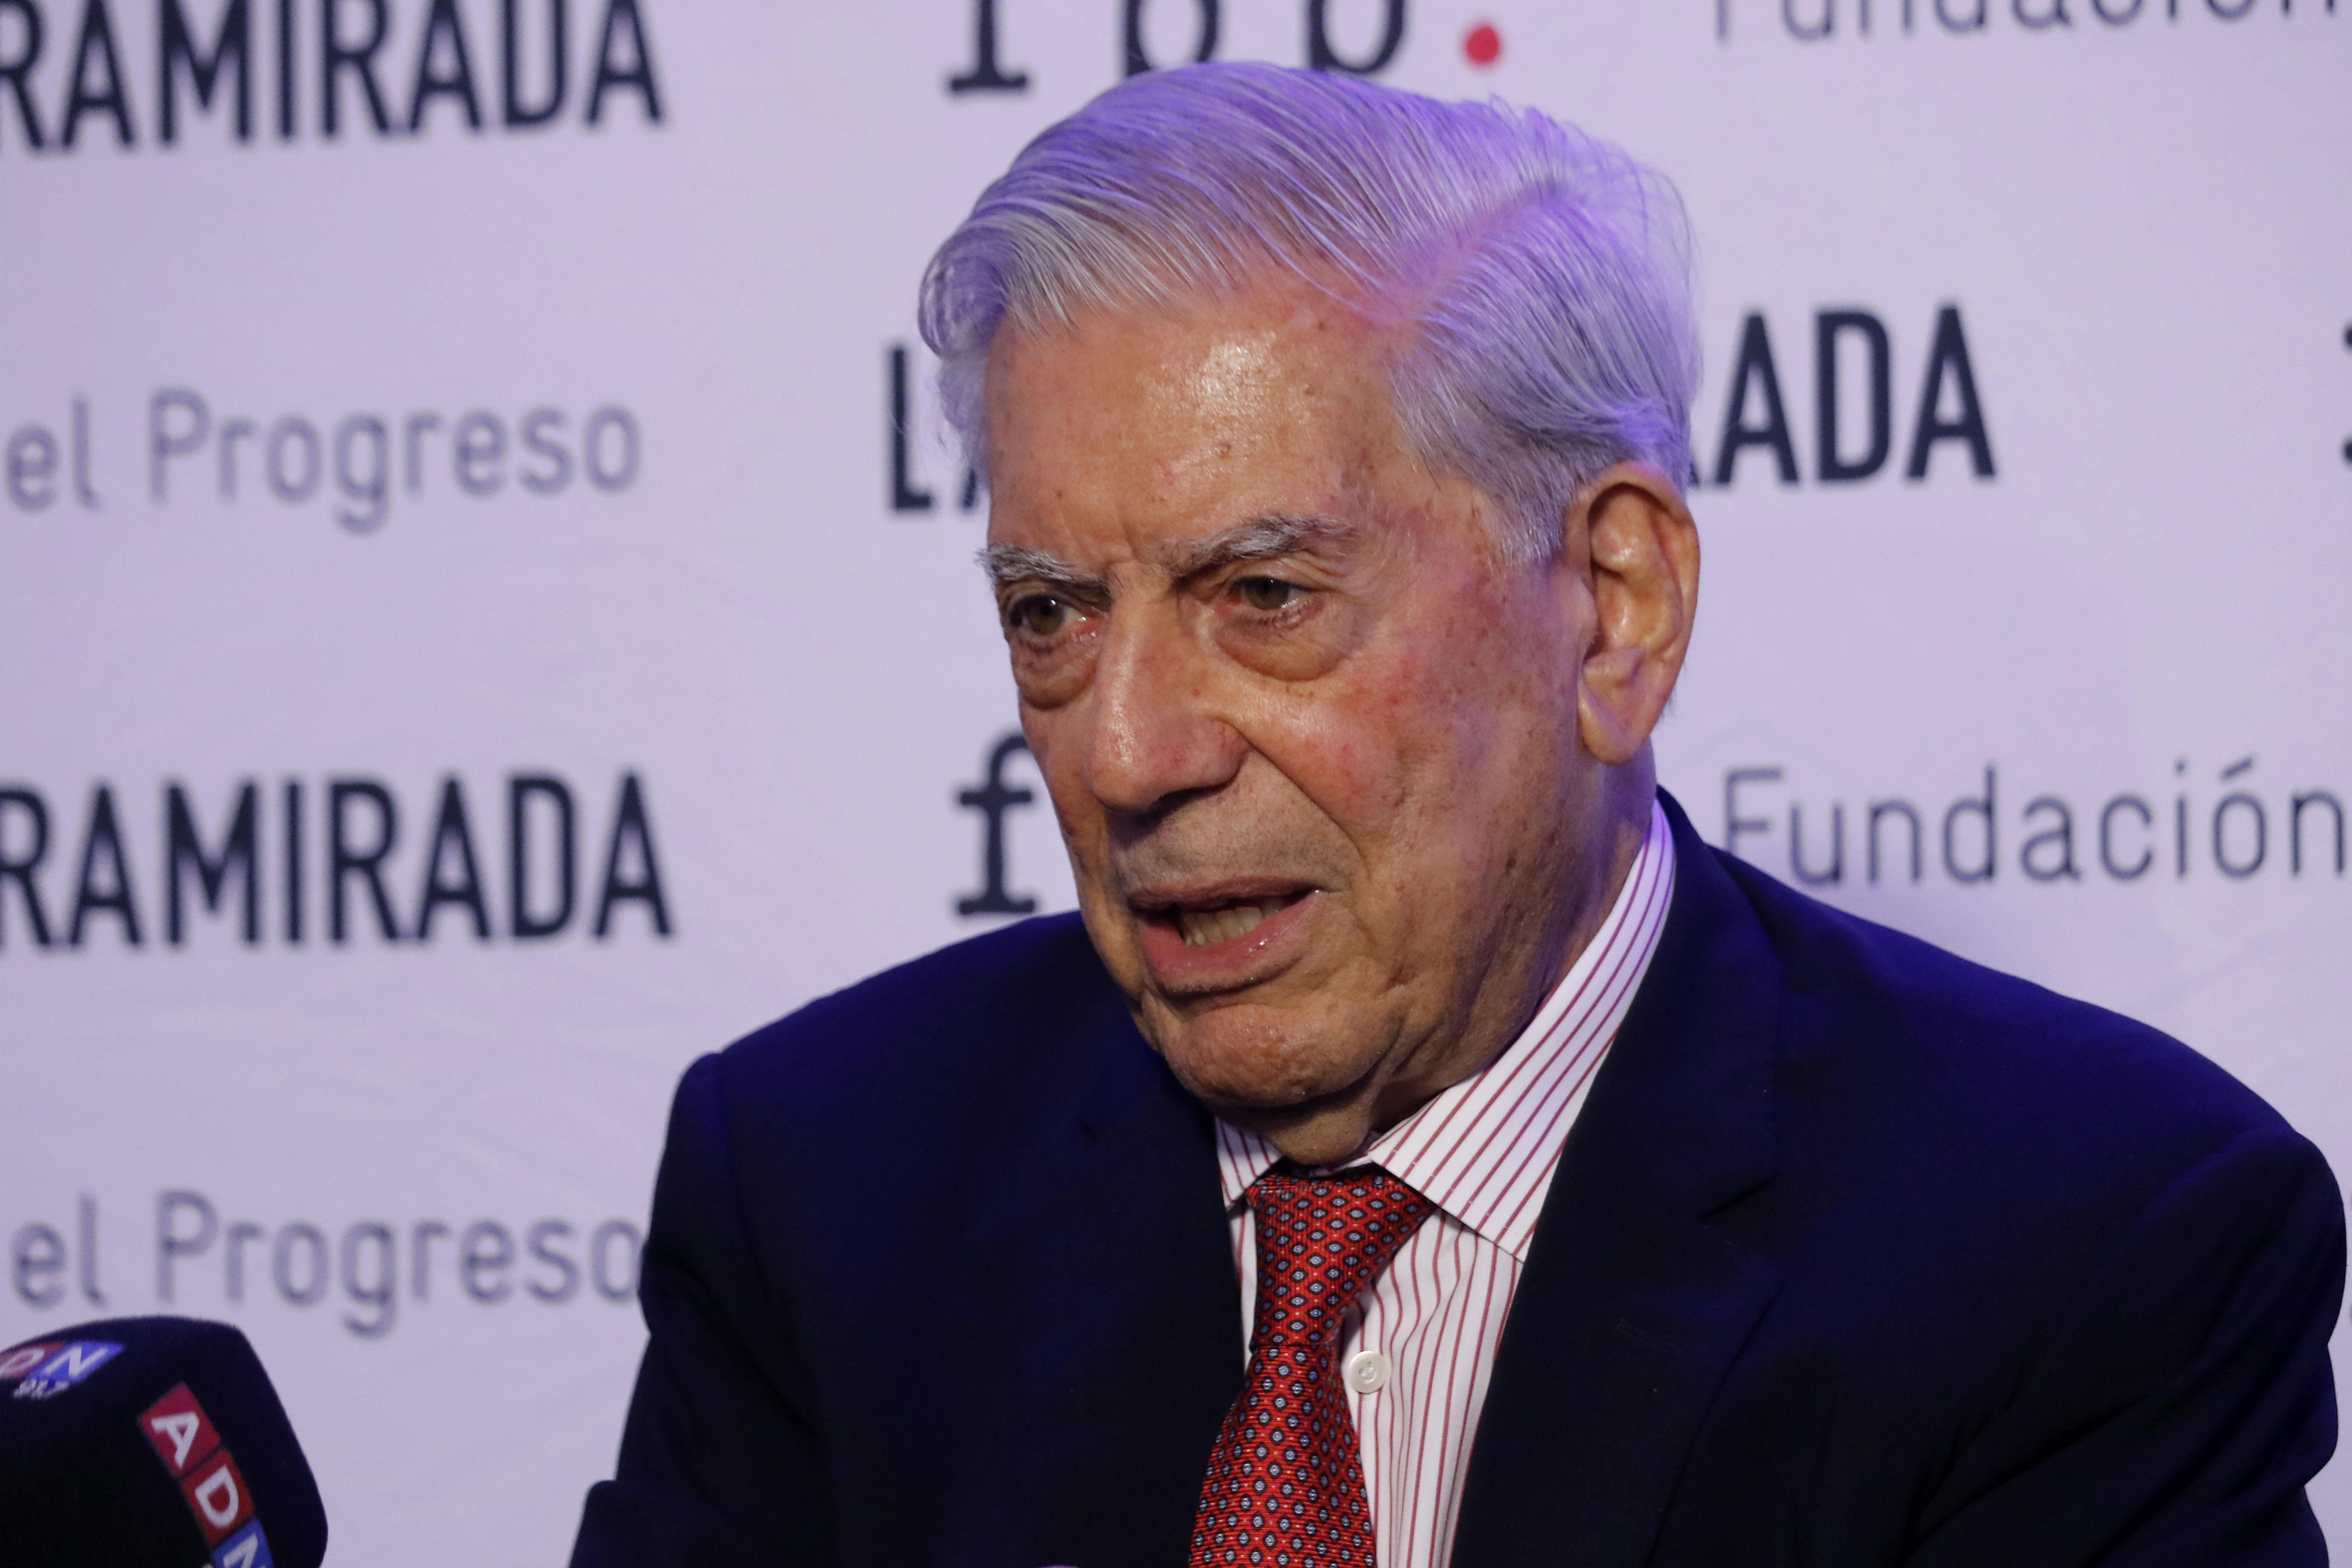 El Premio Nobel de Literatura, Mario Vargas Llosa, realizó una conferencia de prensa, tras participar de un conversatorio con su hijo Álvaro, realizado en el Instituto Nacional.